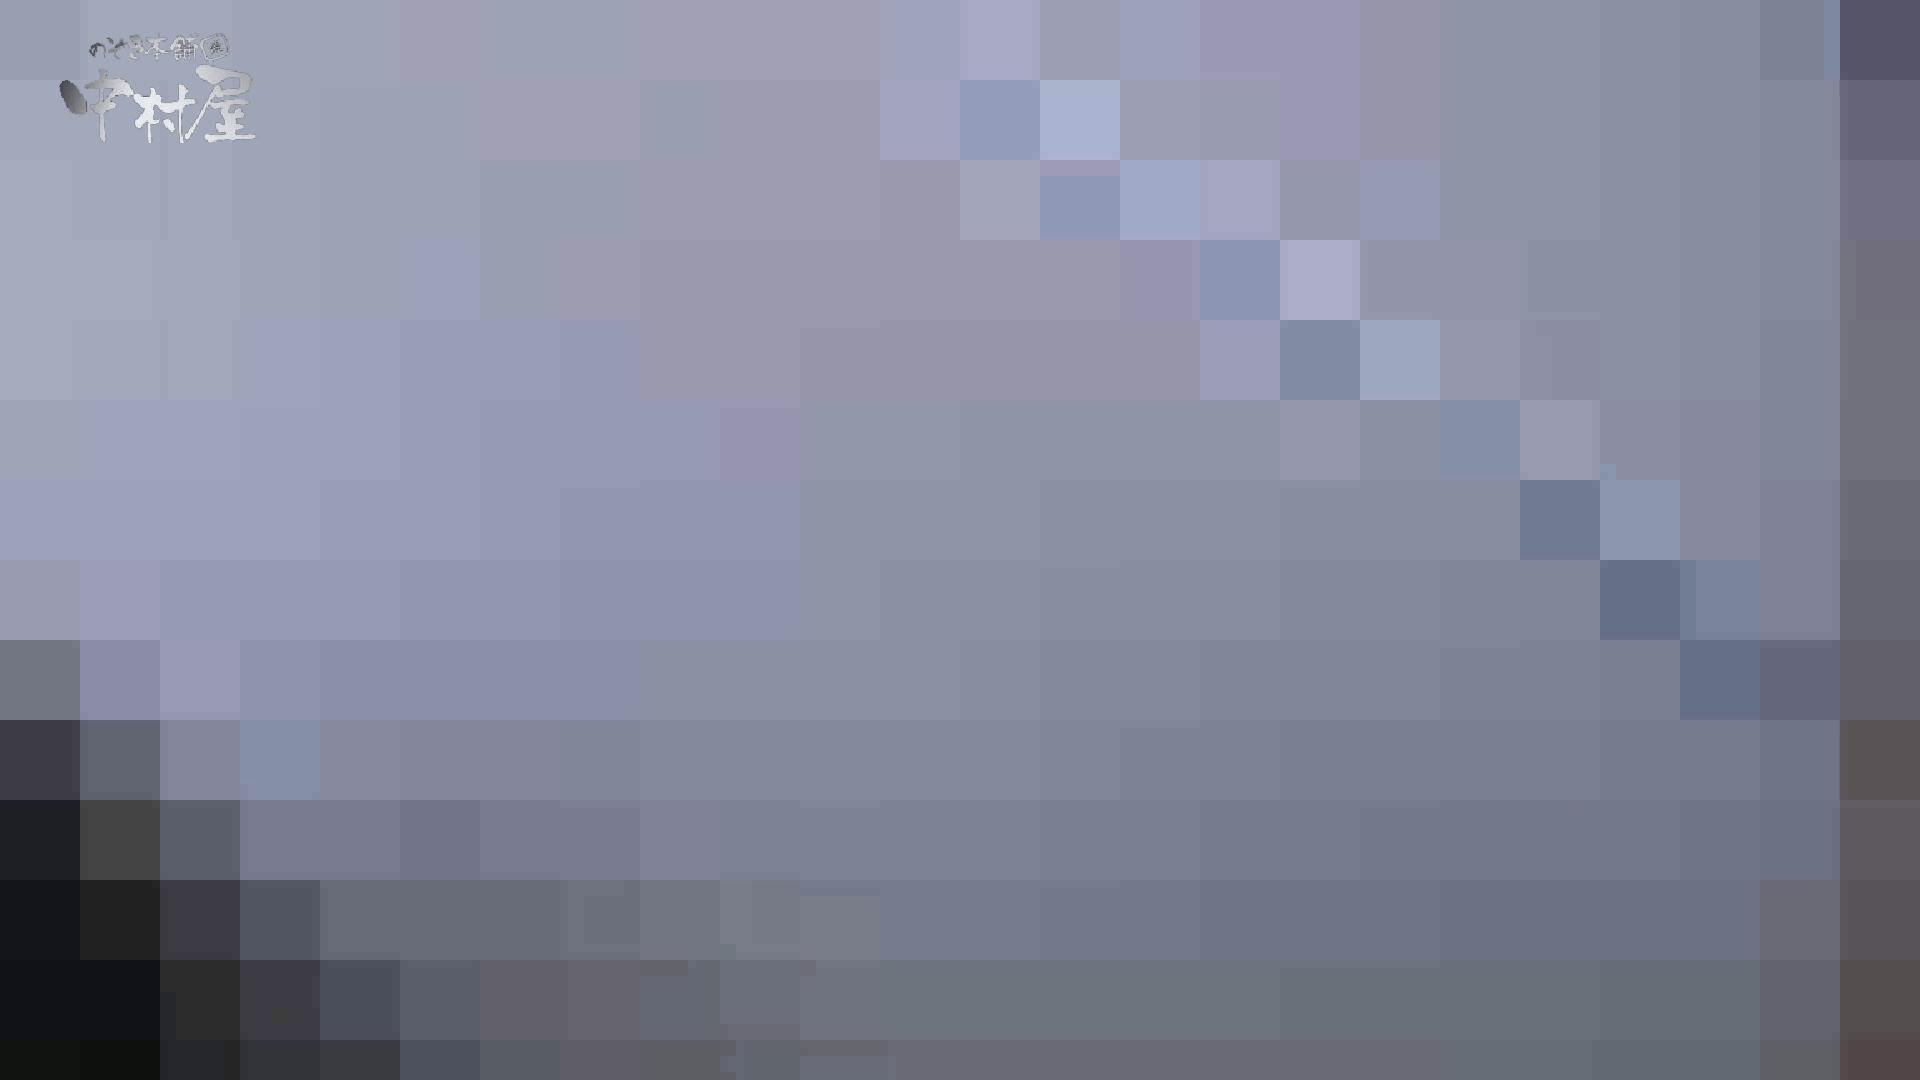 洗面所突入レポート!!vol.25 盗撮師作品 エロ画像 83pic 53